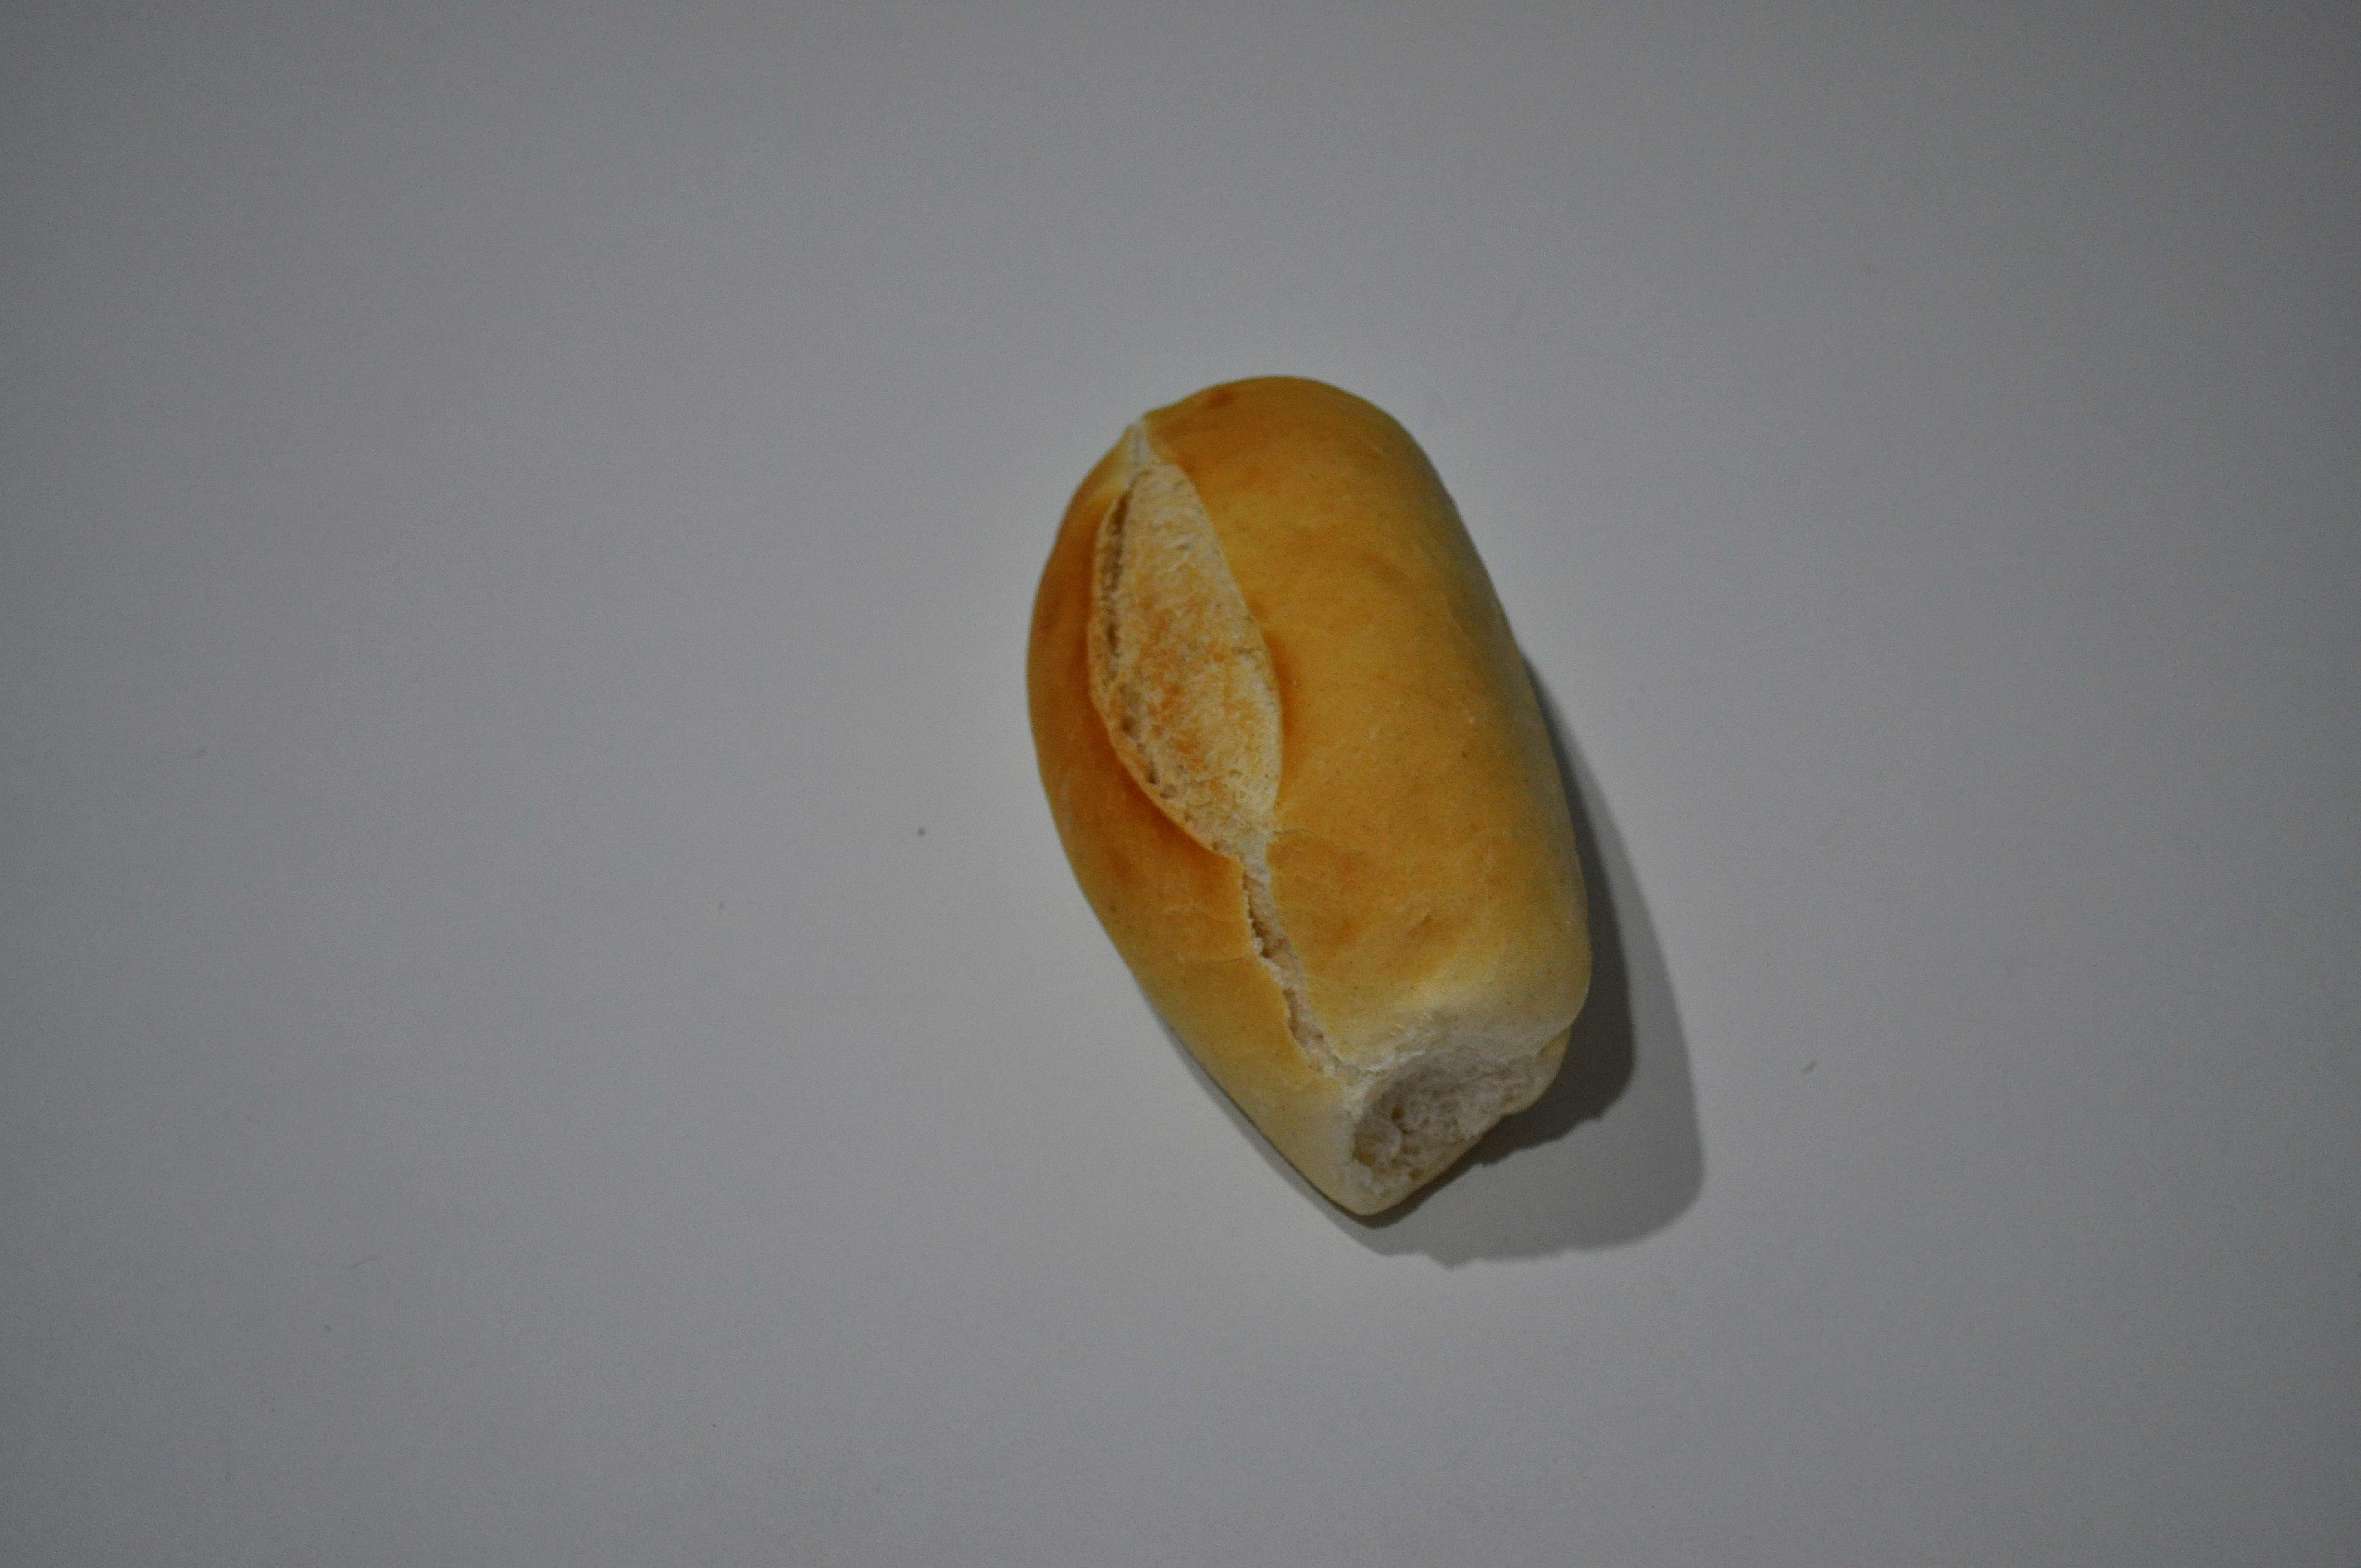 Free Picture Small Bread Patella